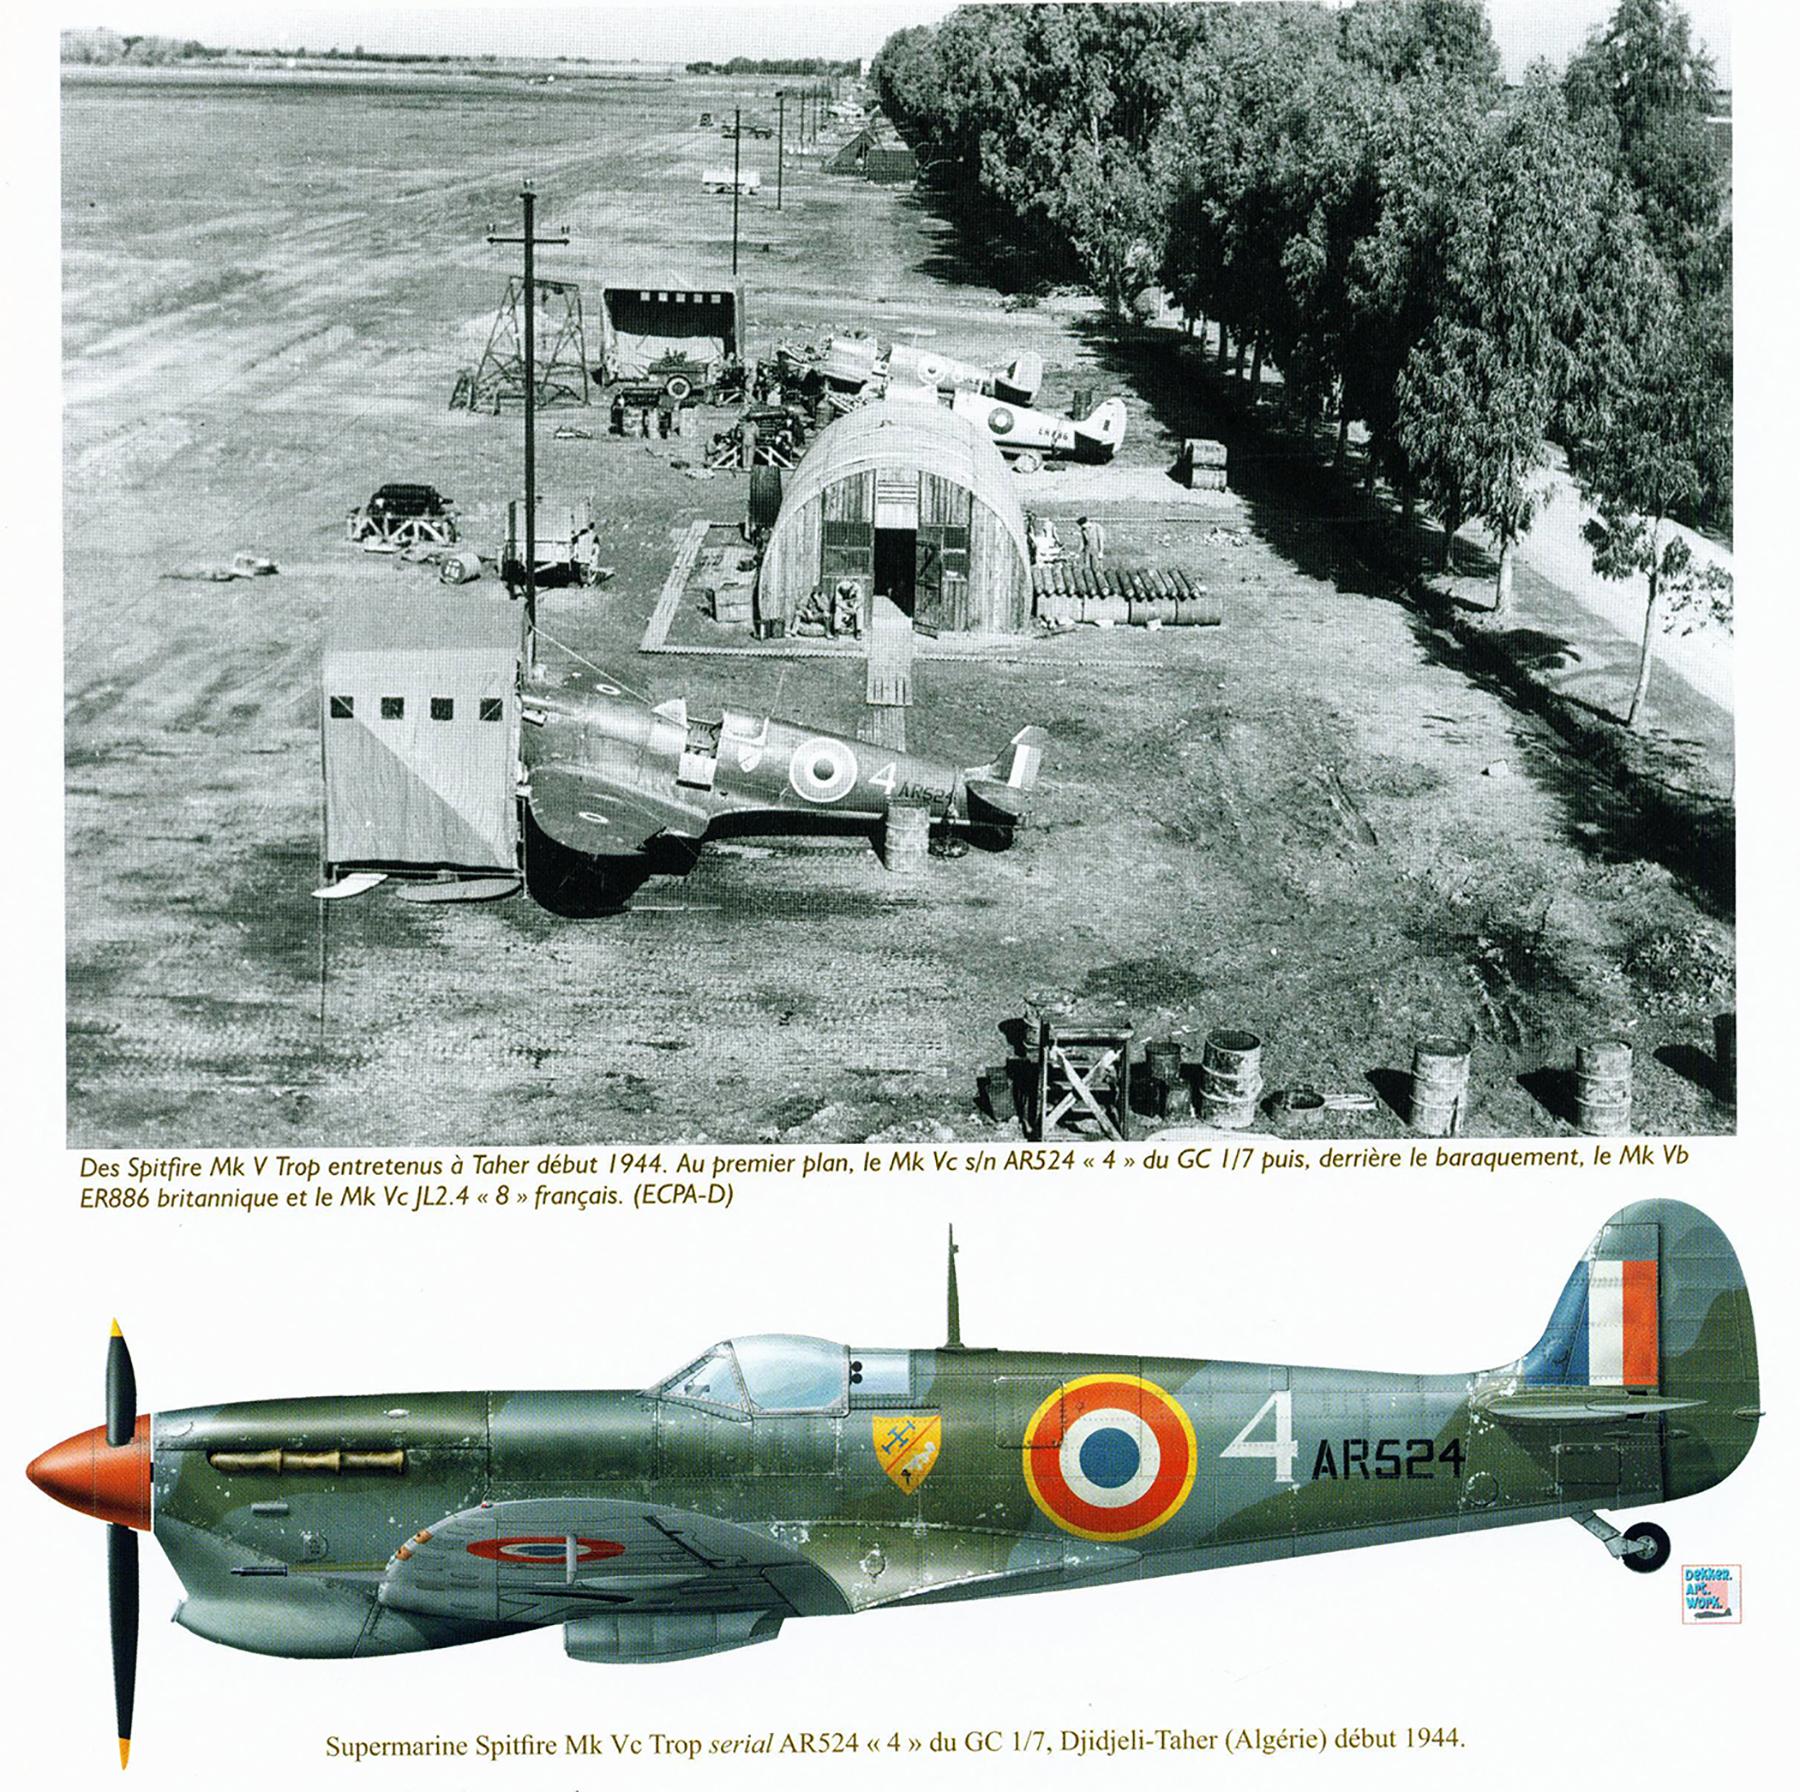 Spitfire MkVcTrop GC1.7 White 4 AR524 Djidjeli Taher Algeria 1944 01